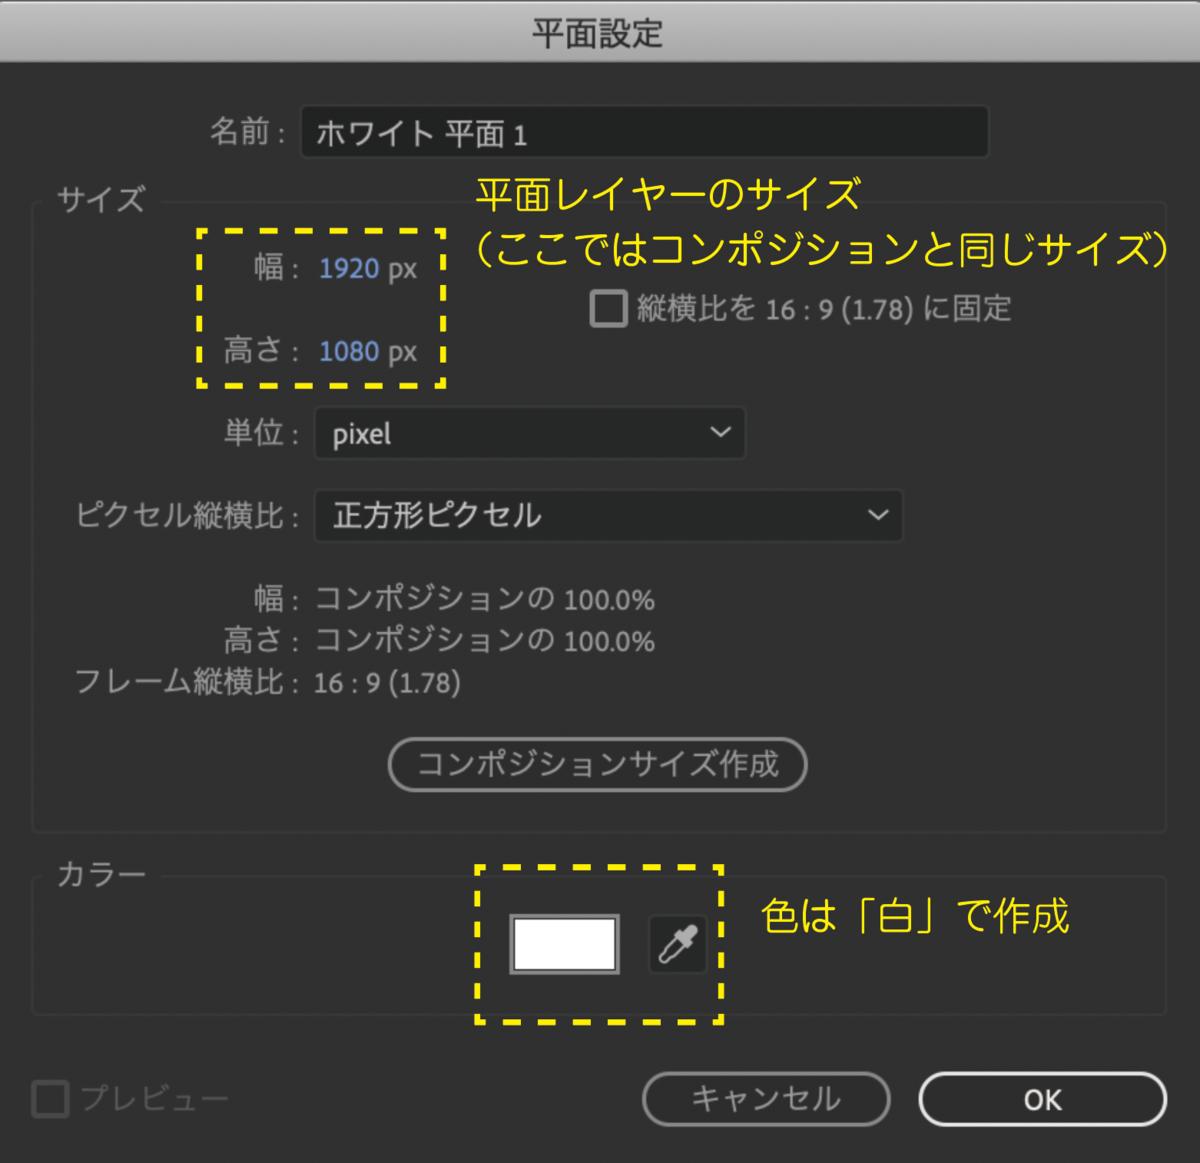 f:id:Hamakichi:20200517121021p:plain